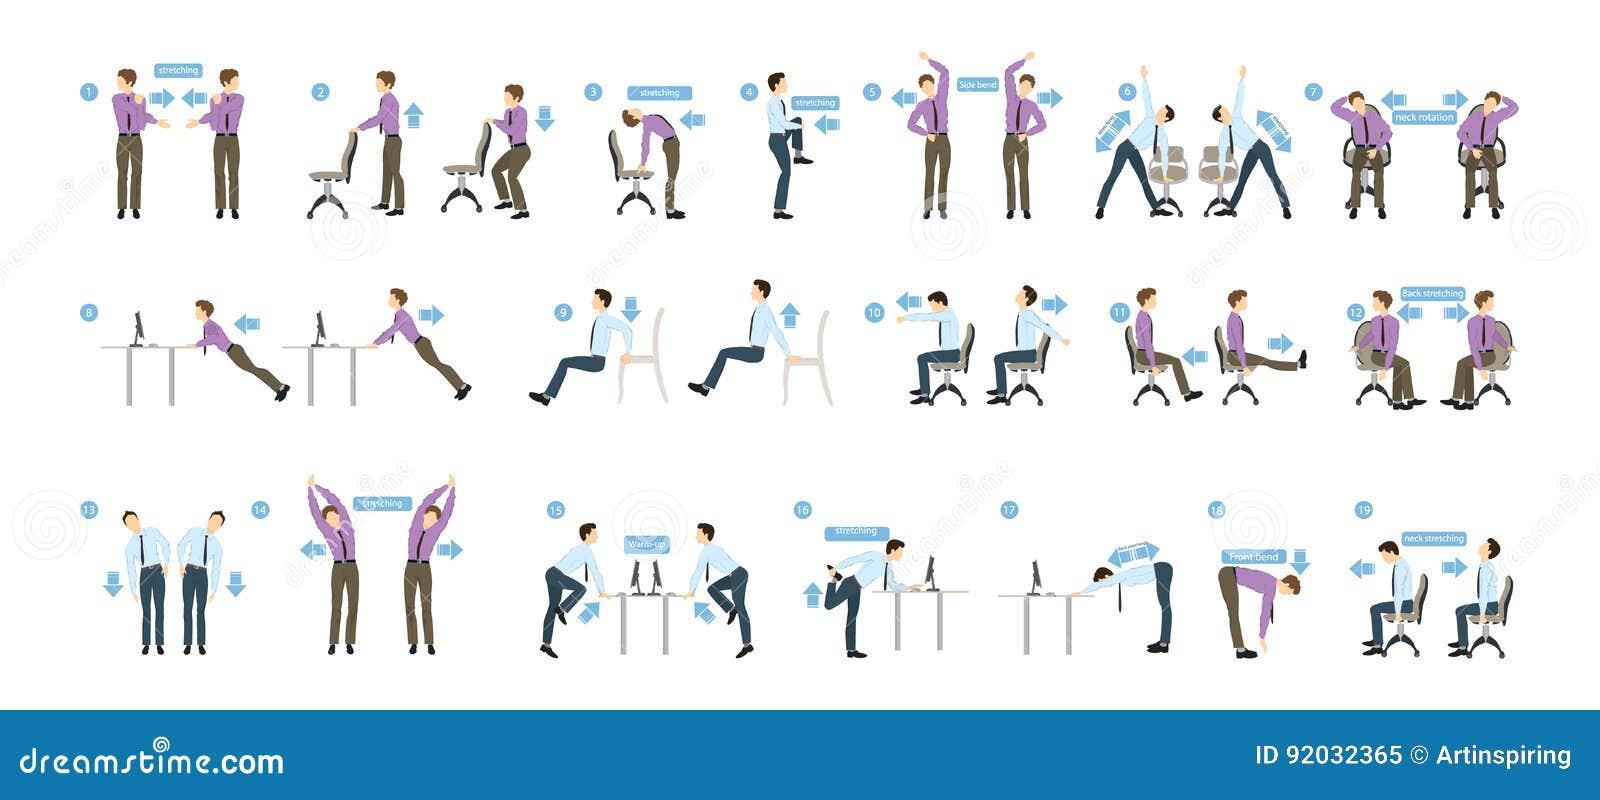 них офисная гимнастика упражнения картинках таким предложением